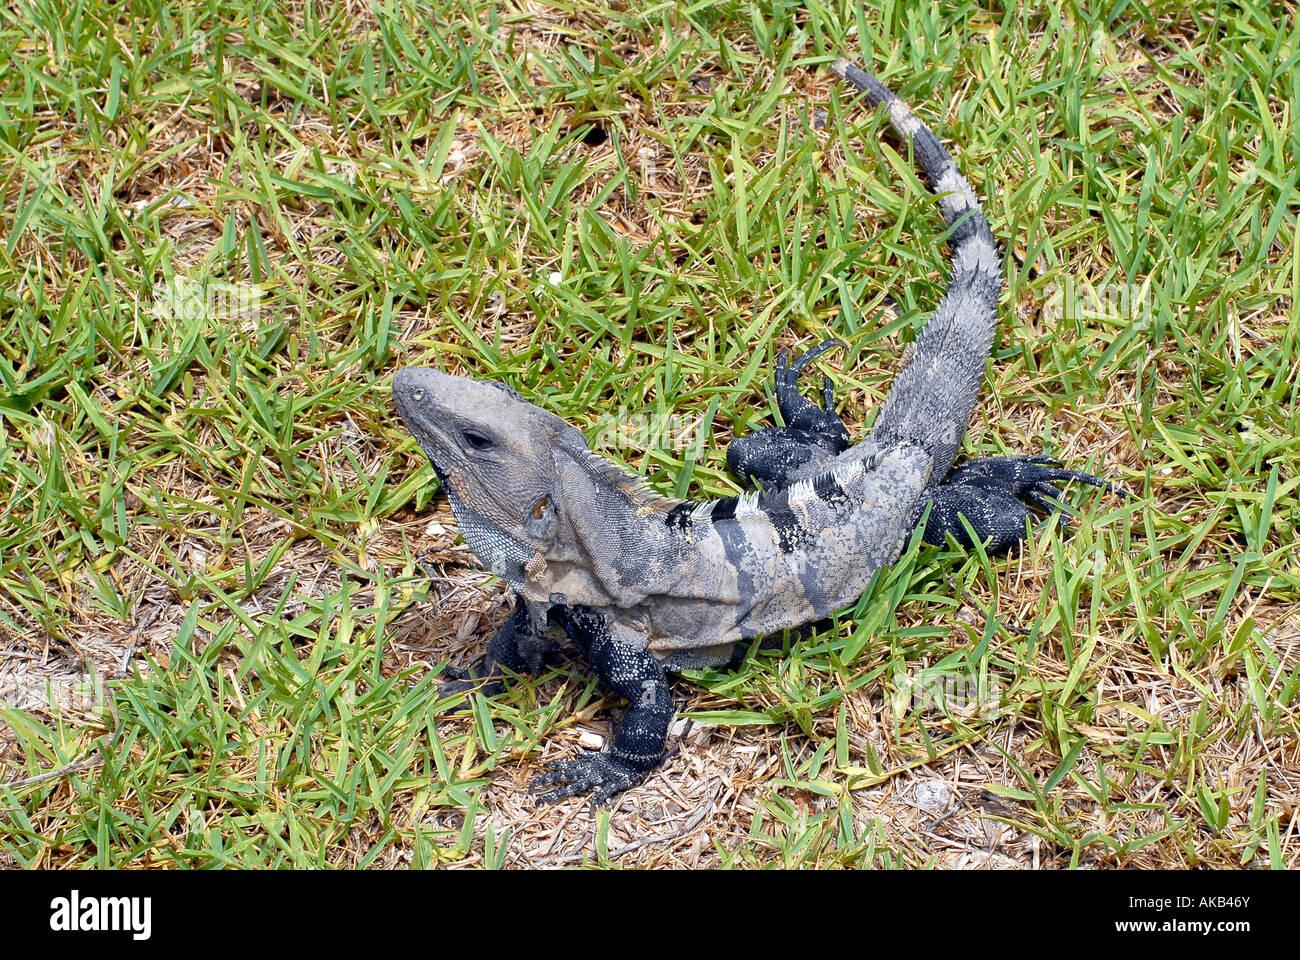 Eine ctenosaura stacheligen tailed Iguana auf grünem Gras Stockbild